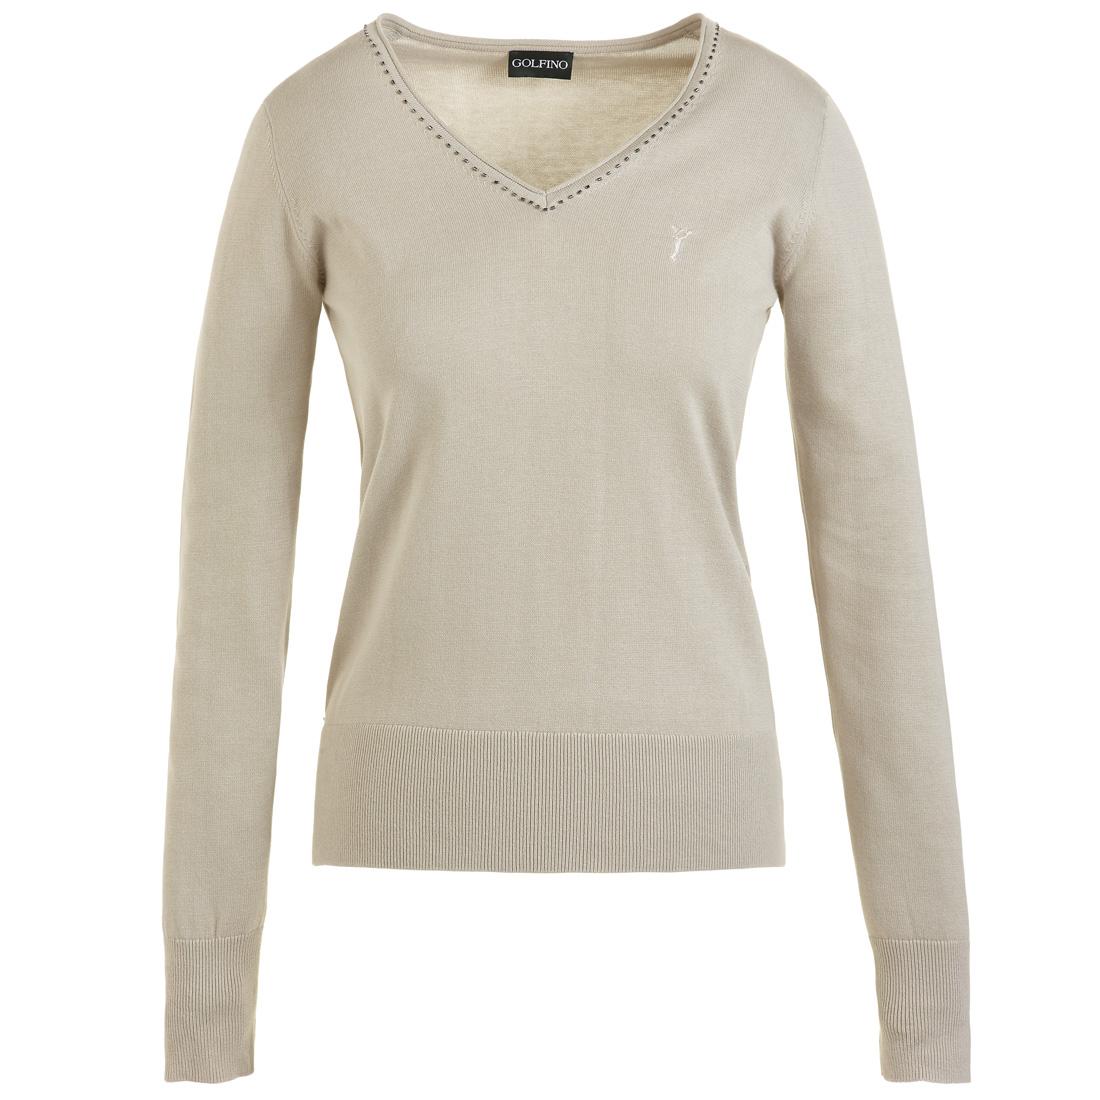 Super weicher V-Ausschnitt Pullover aus Pima Baumwolle